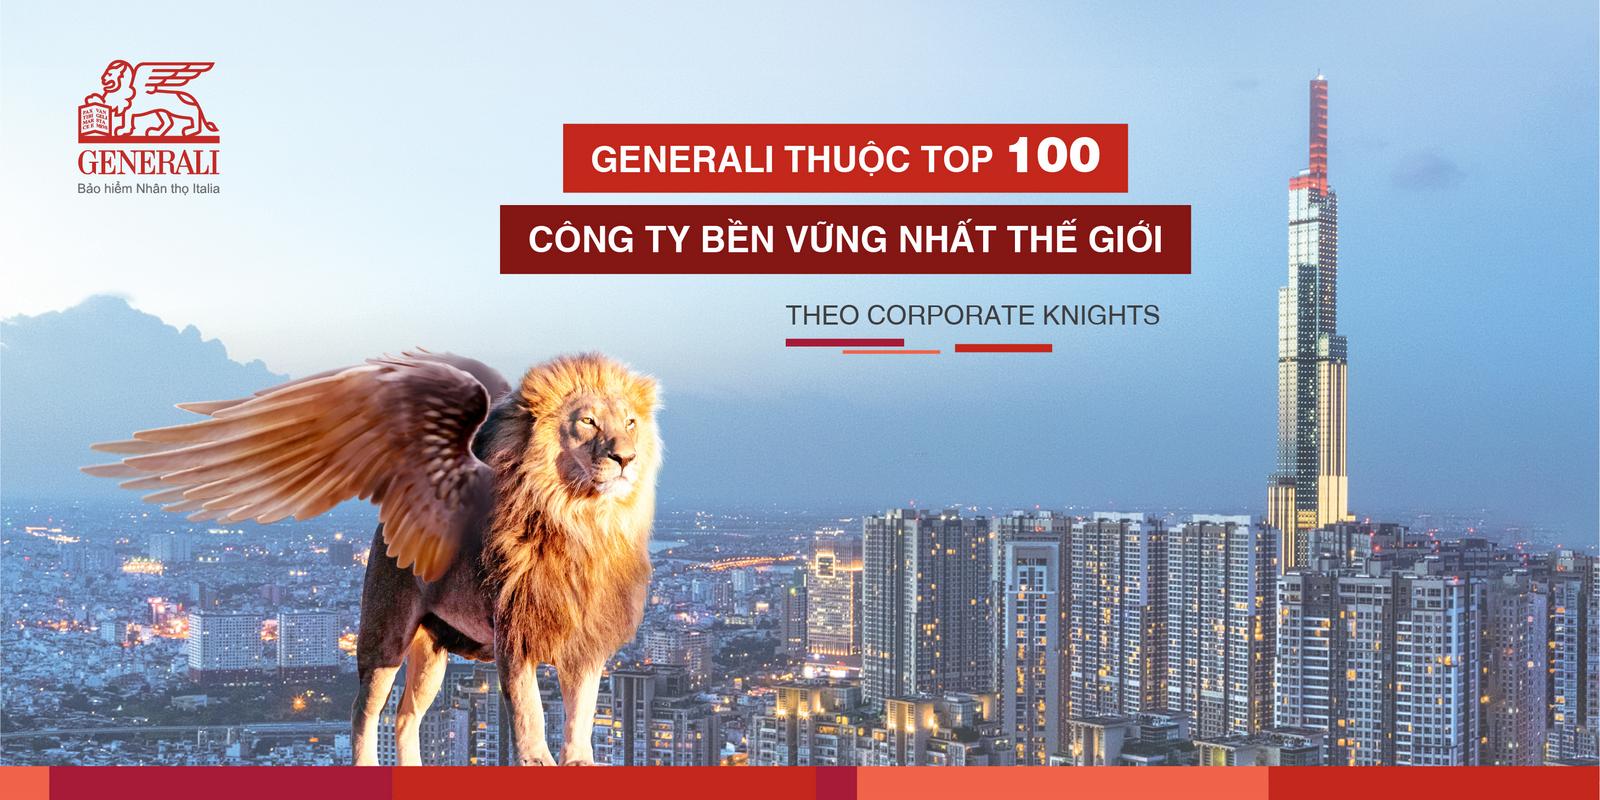 Generali thuộc top 100 công ty bền vững nhất thế giới